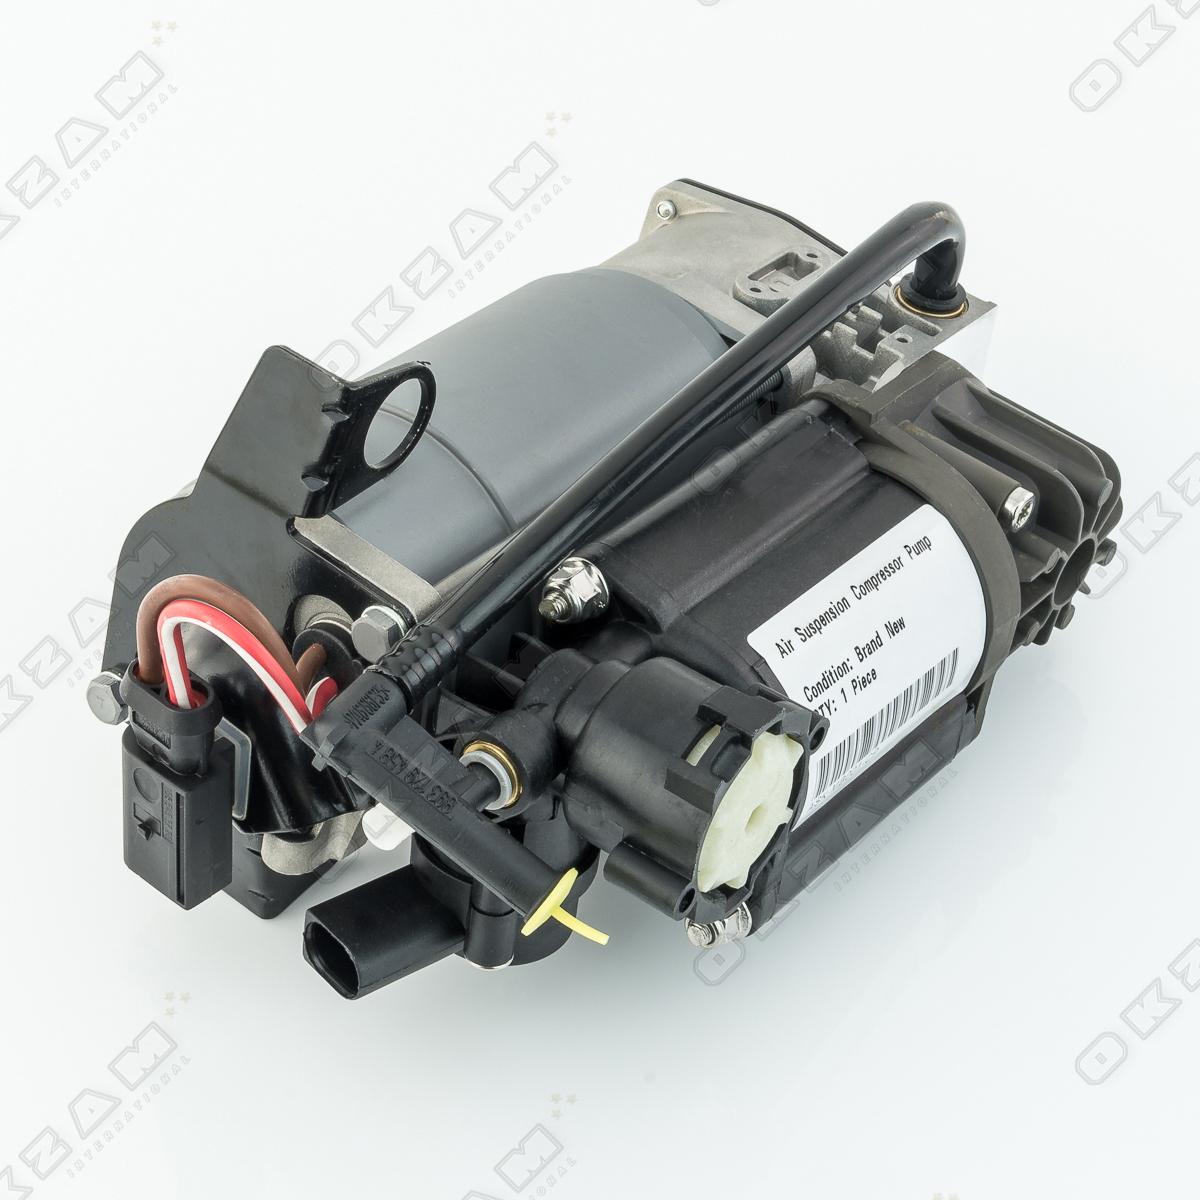 Compressor air suspension pump for mercedes benz cls c219 for Mercedes benz air suspension